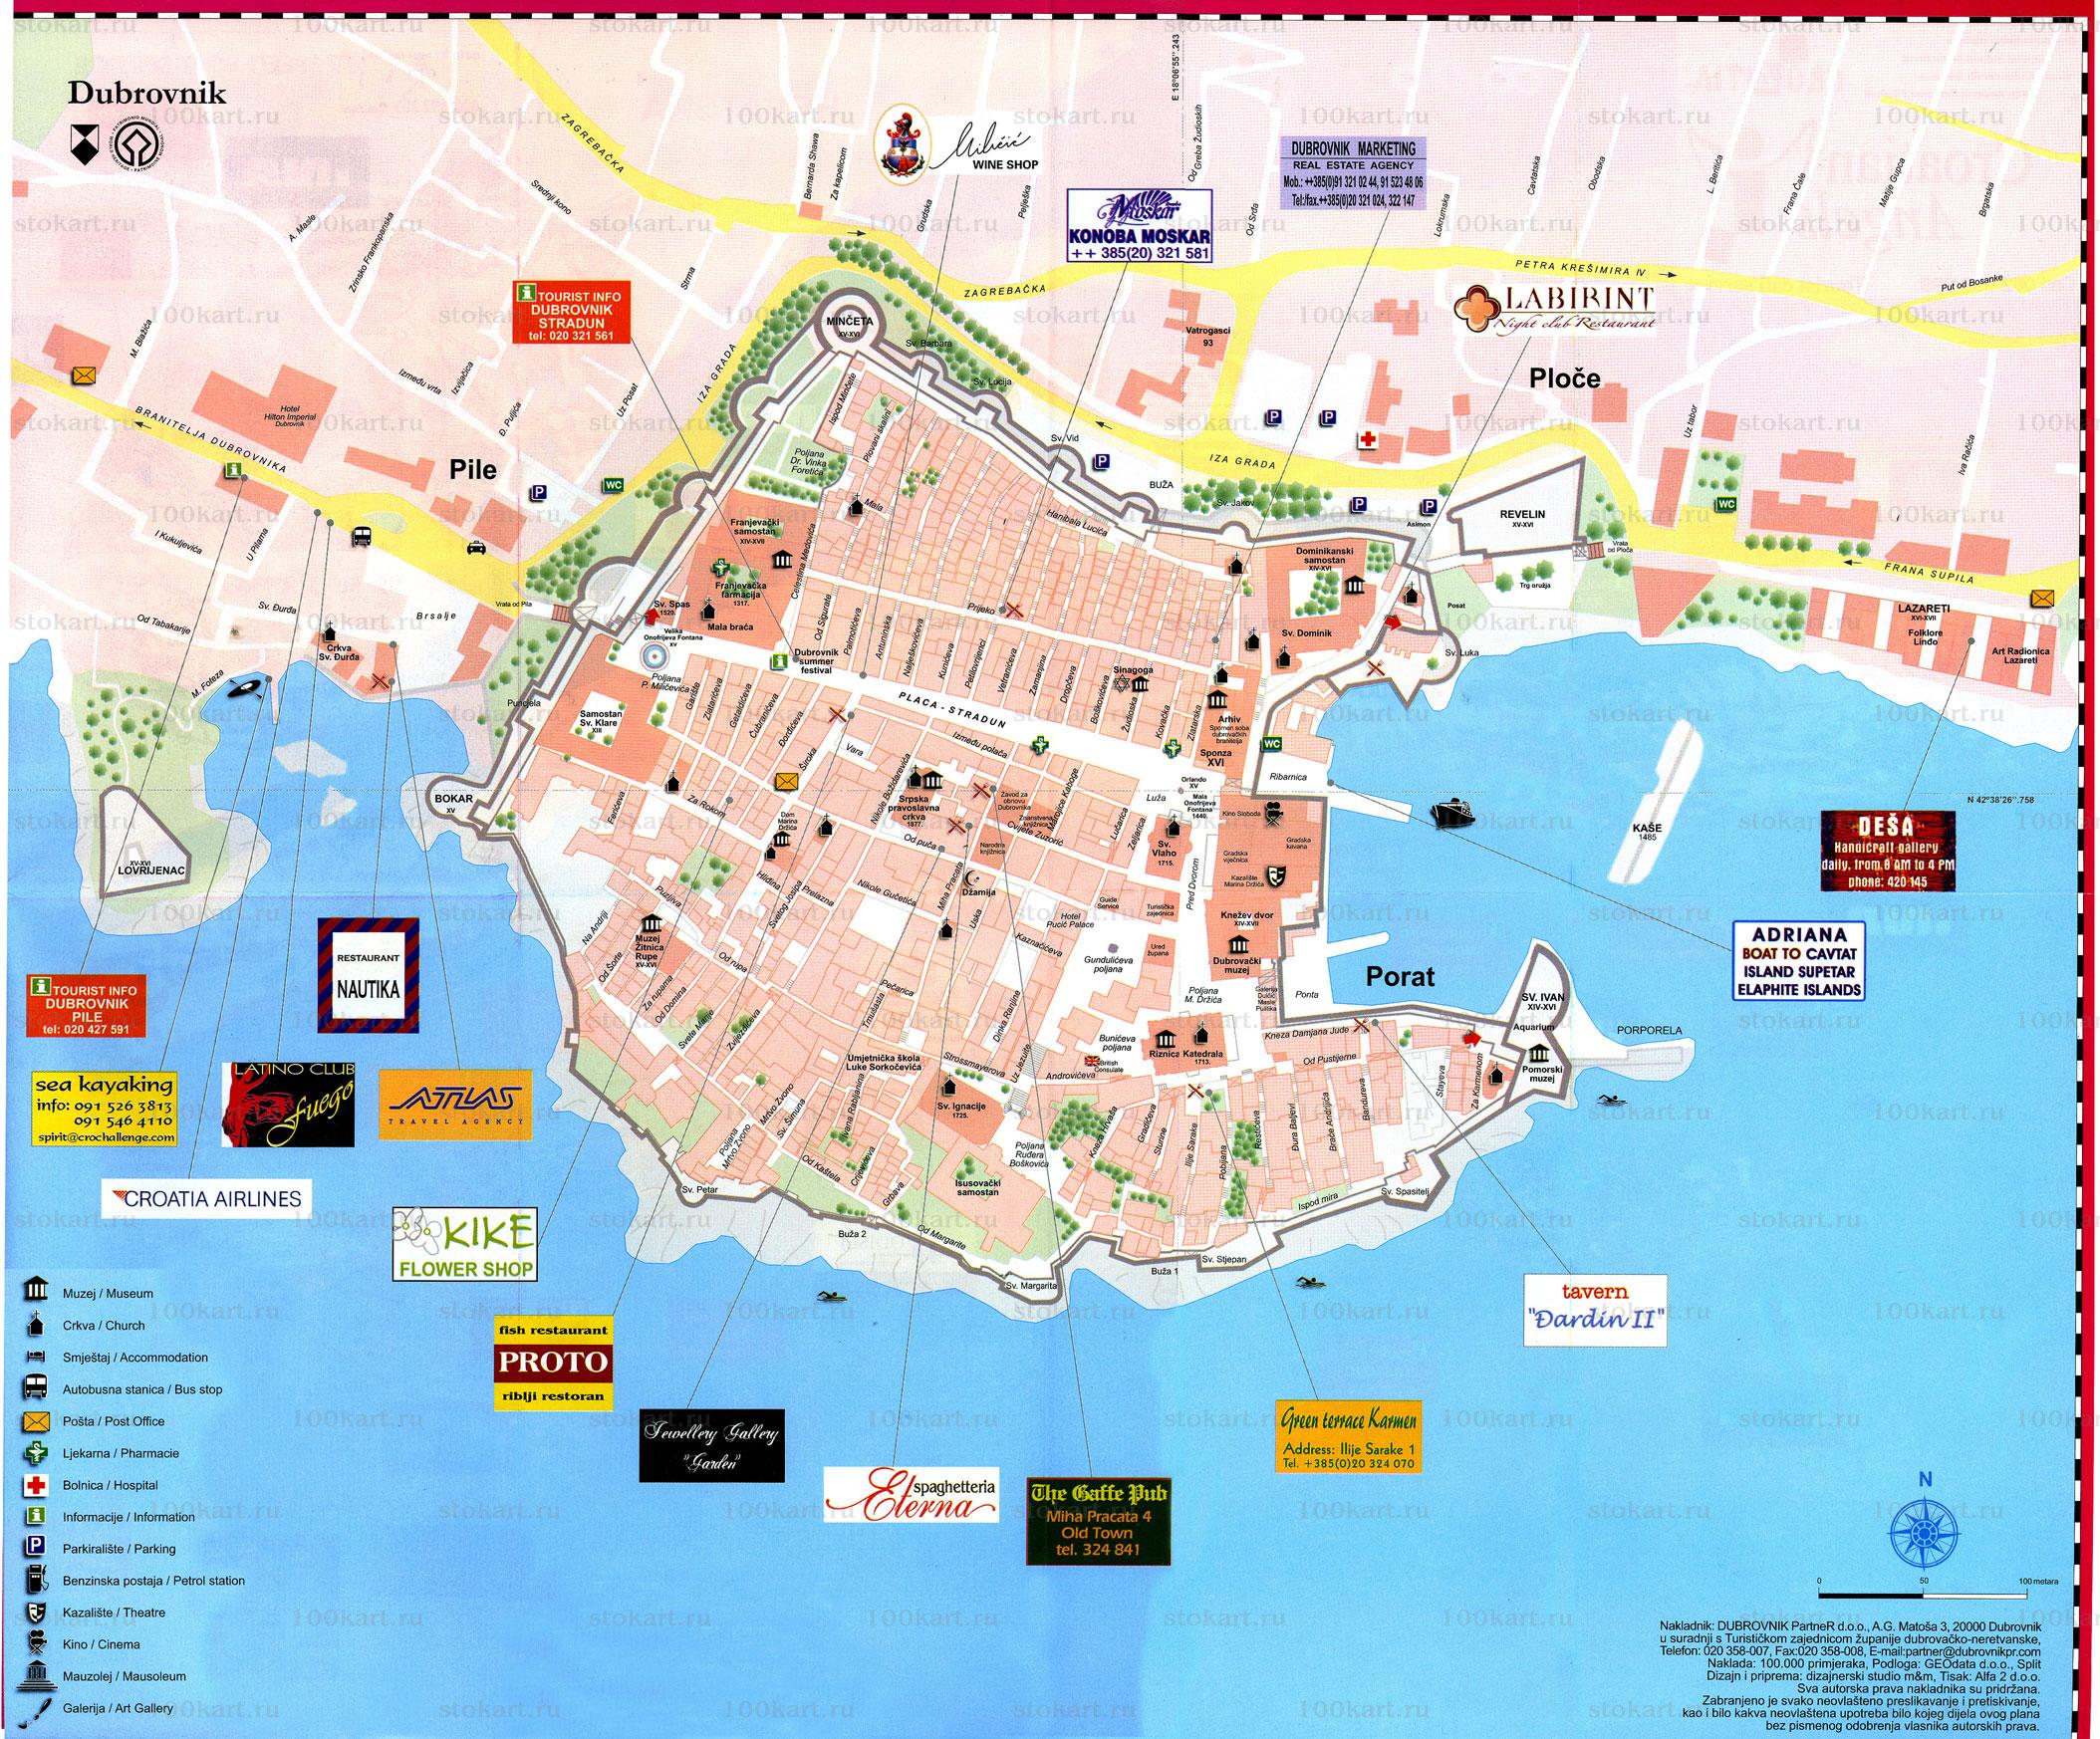 Dubrovnik Map Dubrovnik Mappery